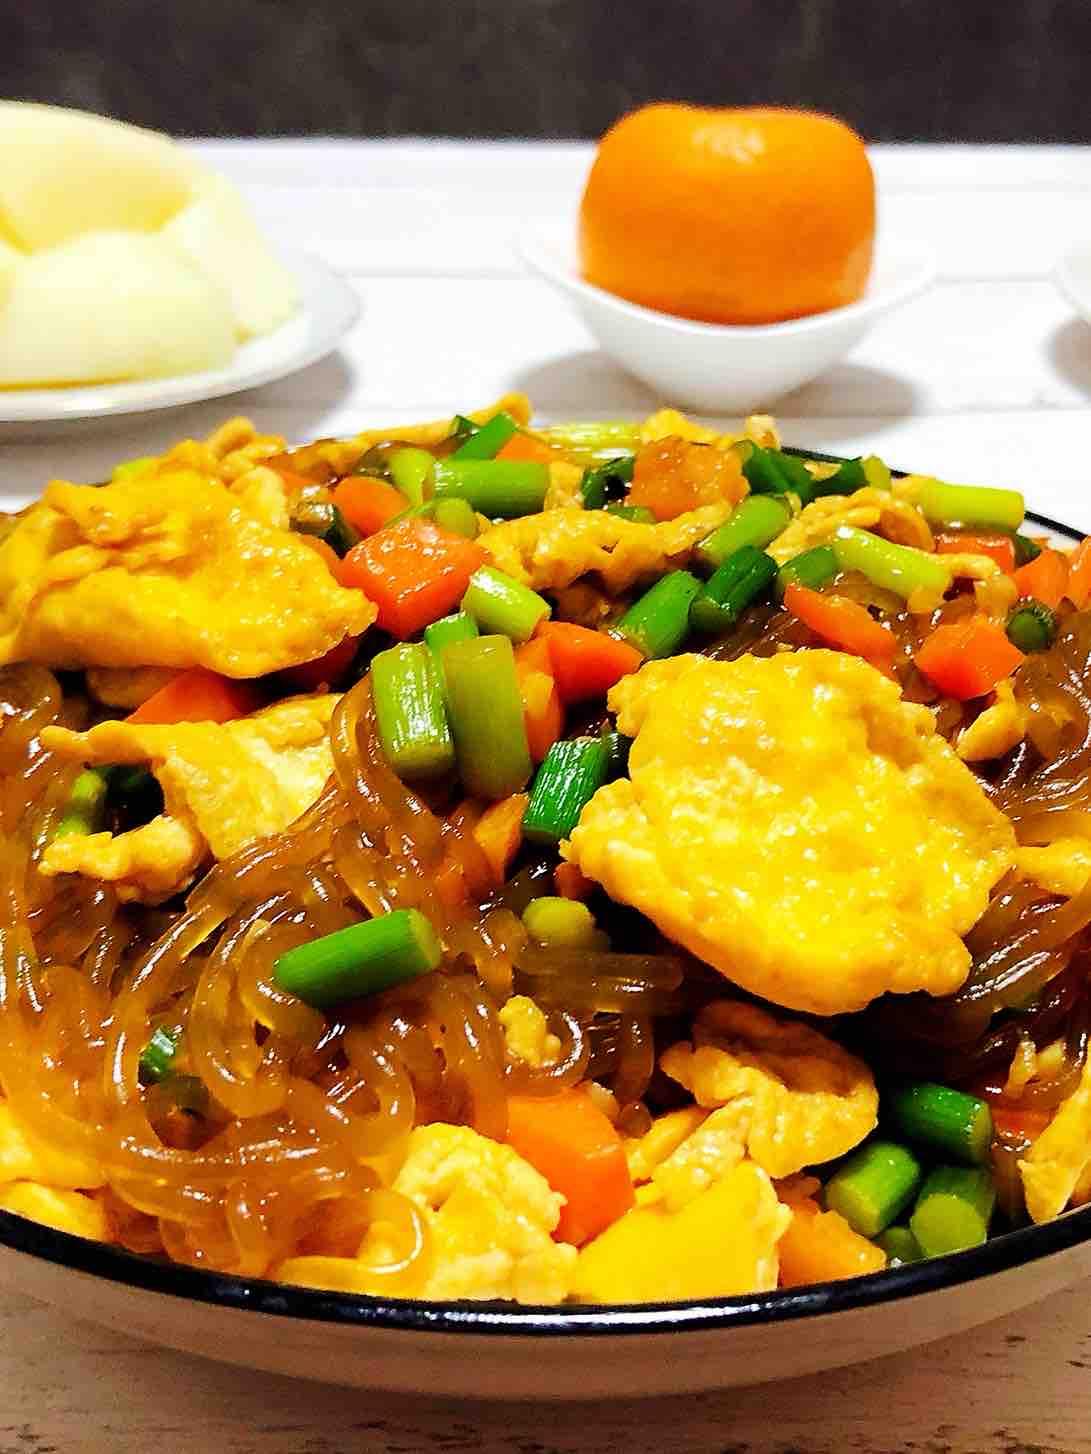 蒜苔胡萝卜鸡蛋炒粉